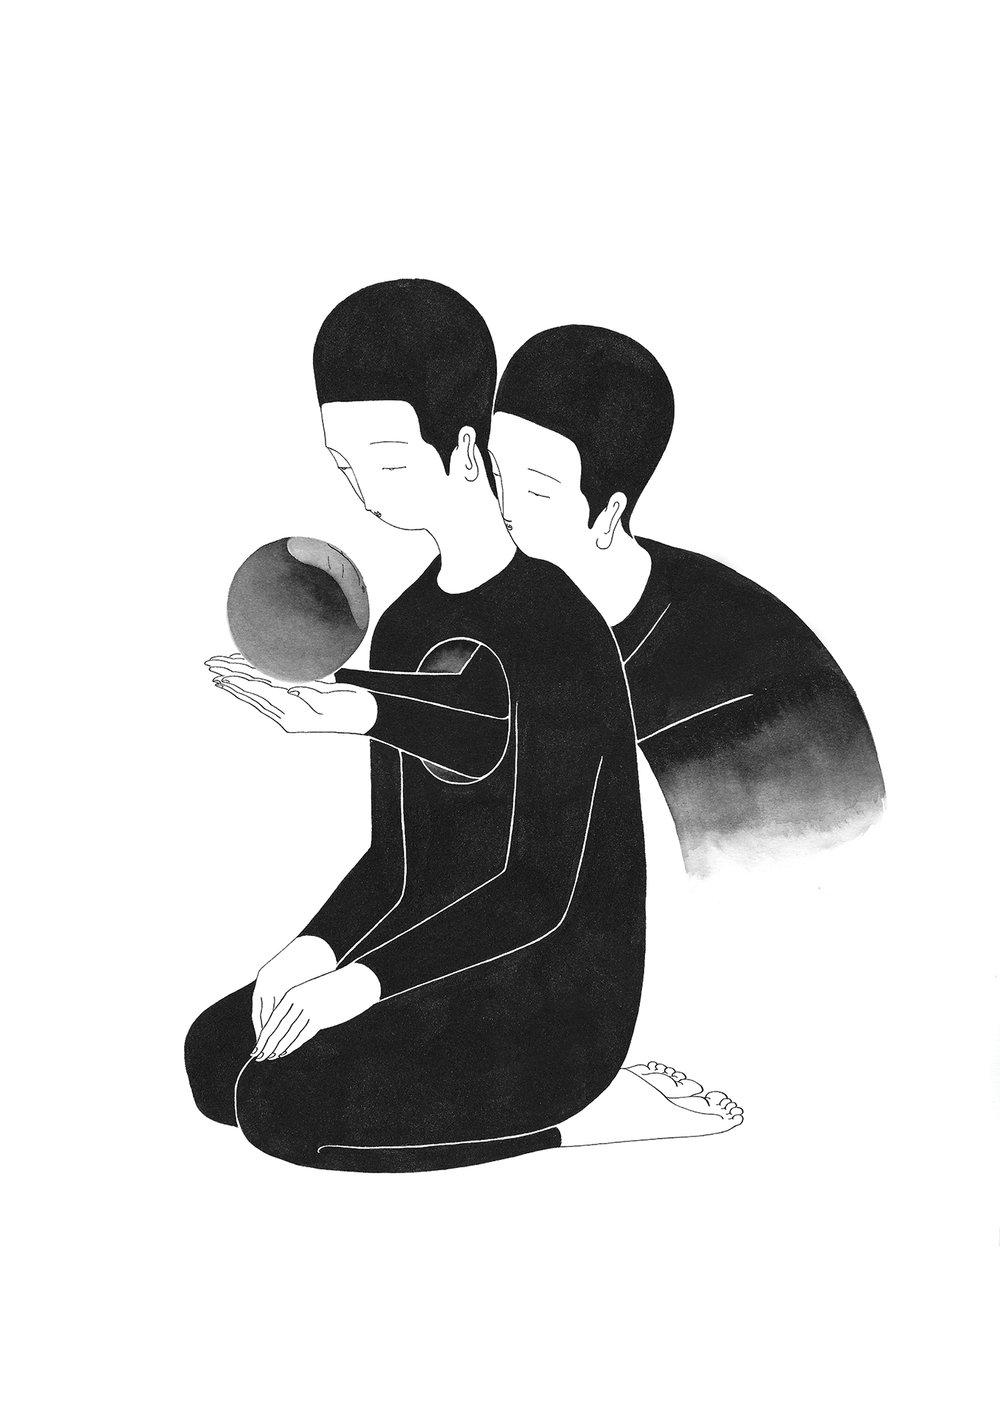 내가 보여줄게 / See through you Op.0148C -38 x 56 cm,종이에 잉크 / Ink on paper, 2017 Commissioned by Minumsa